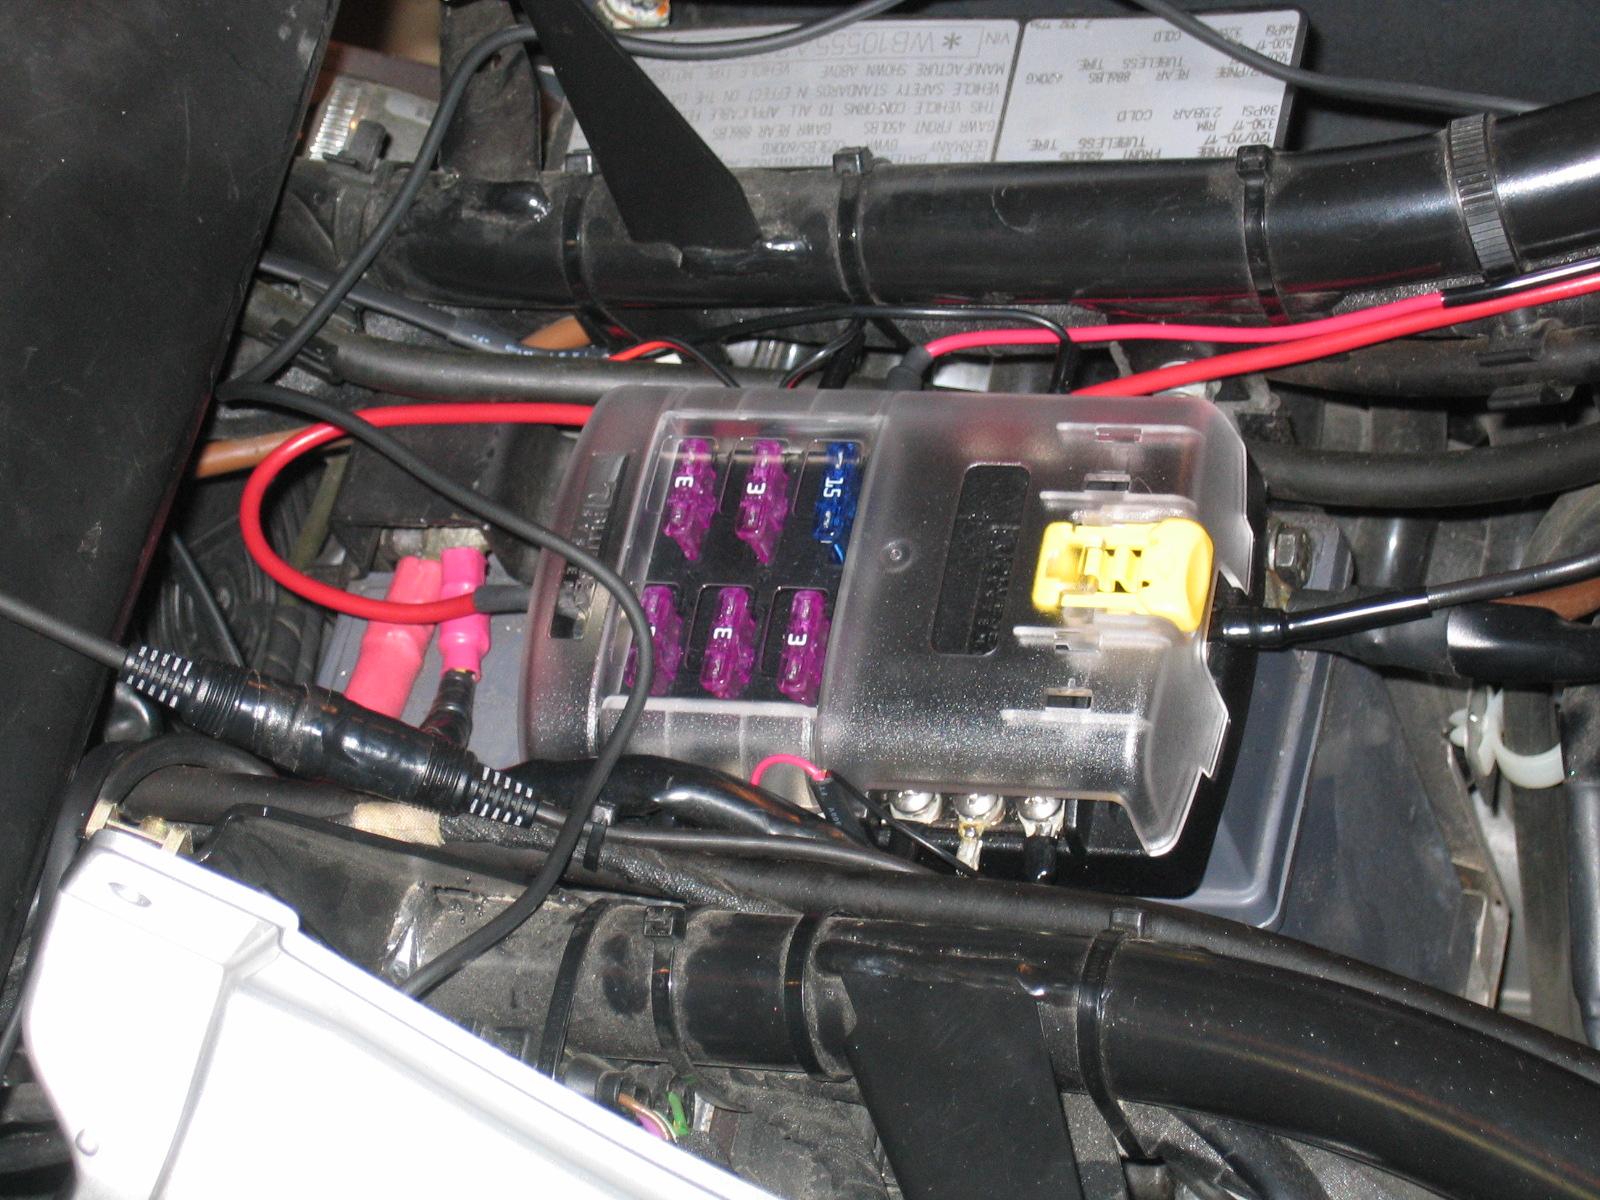 2004 Bmw 325i Fuse Box Schematic Diagrams 1990 K1200lt Location Diy Wiring U2022